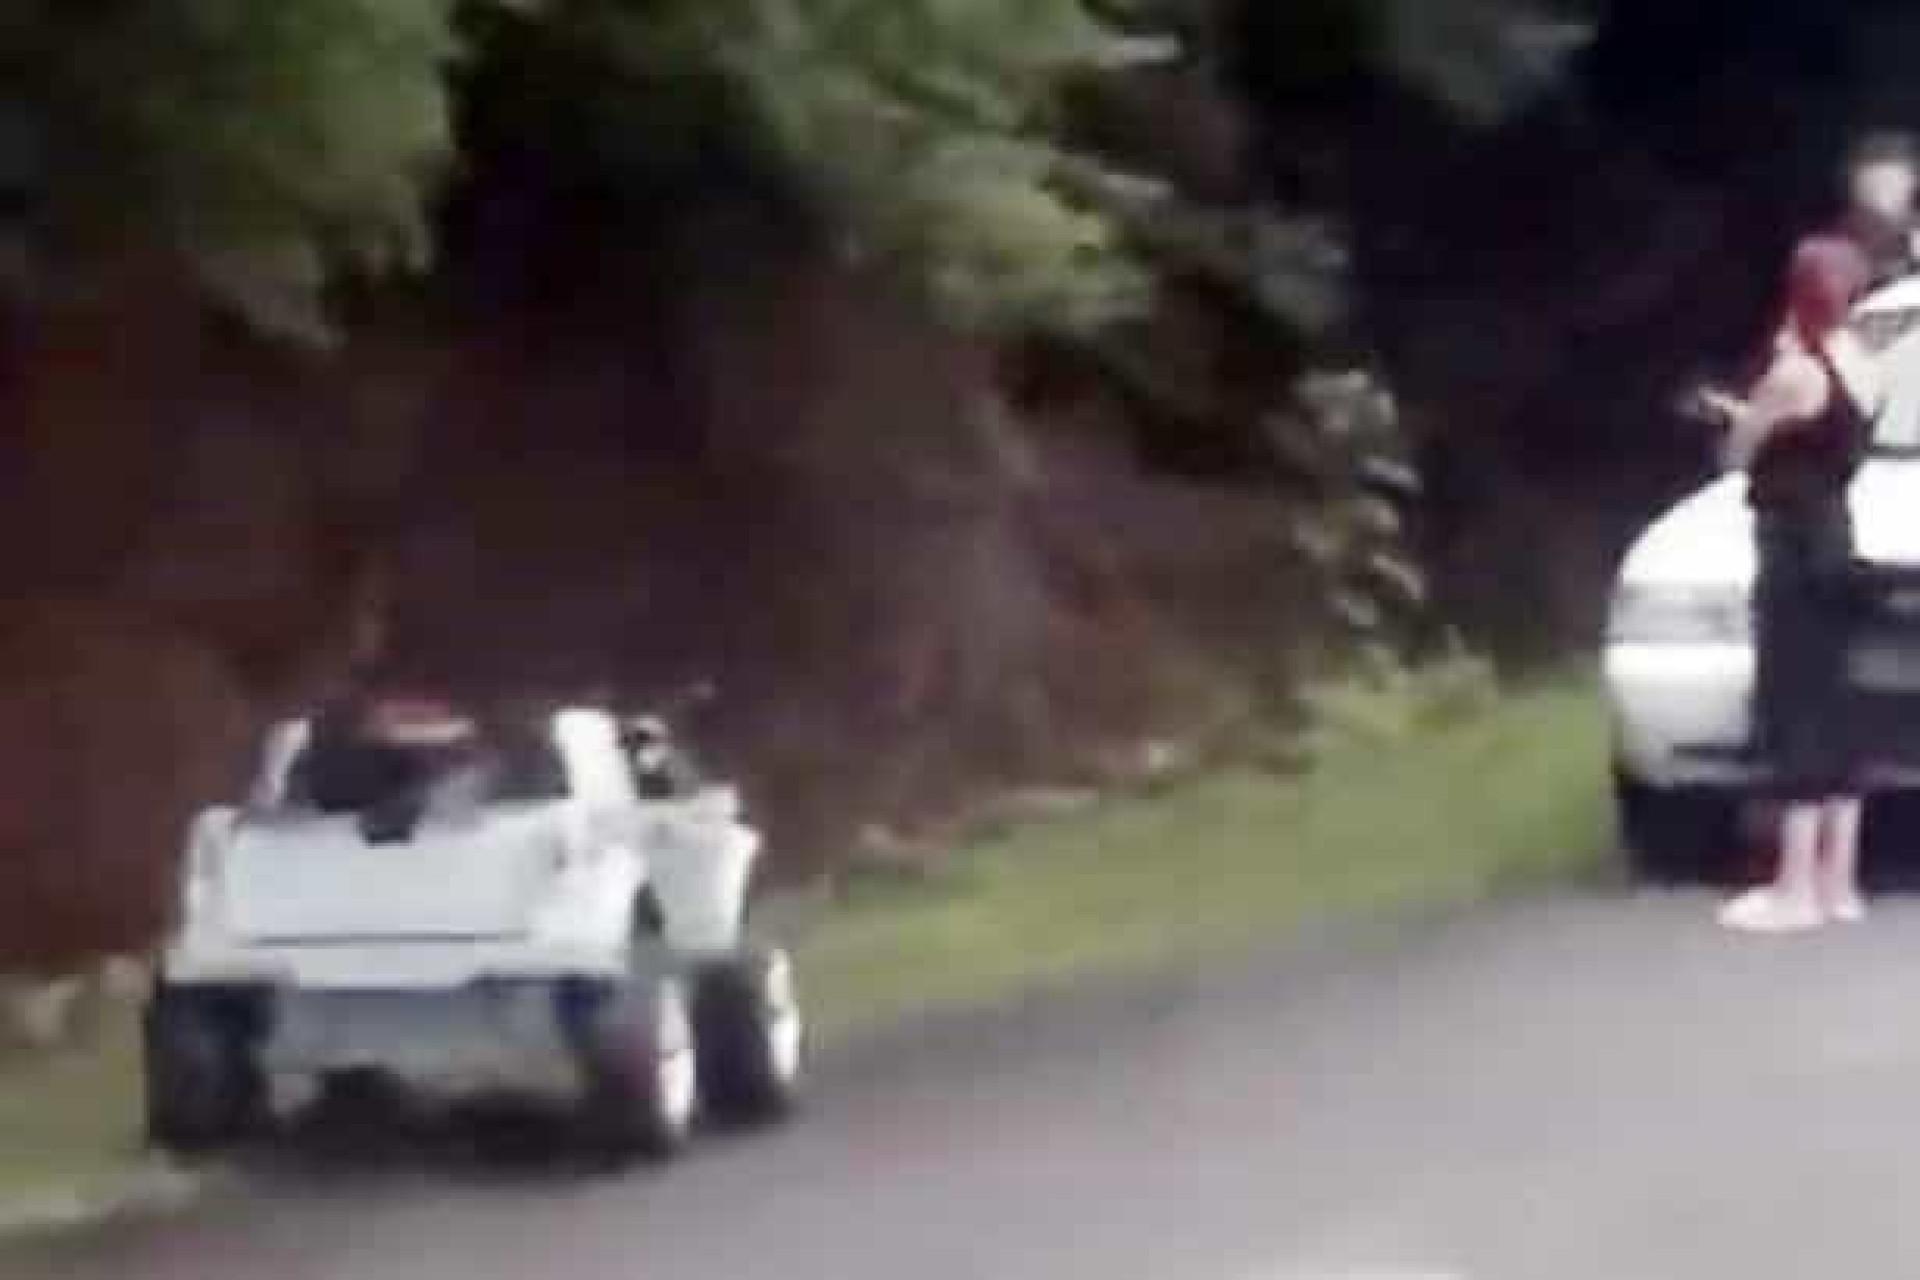 Escapa a multa por conduzir alcoolizada por seguir em camião de brincar